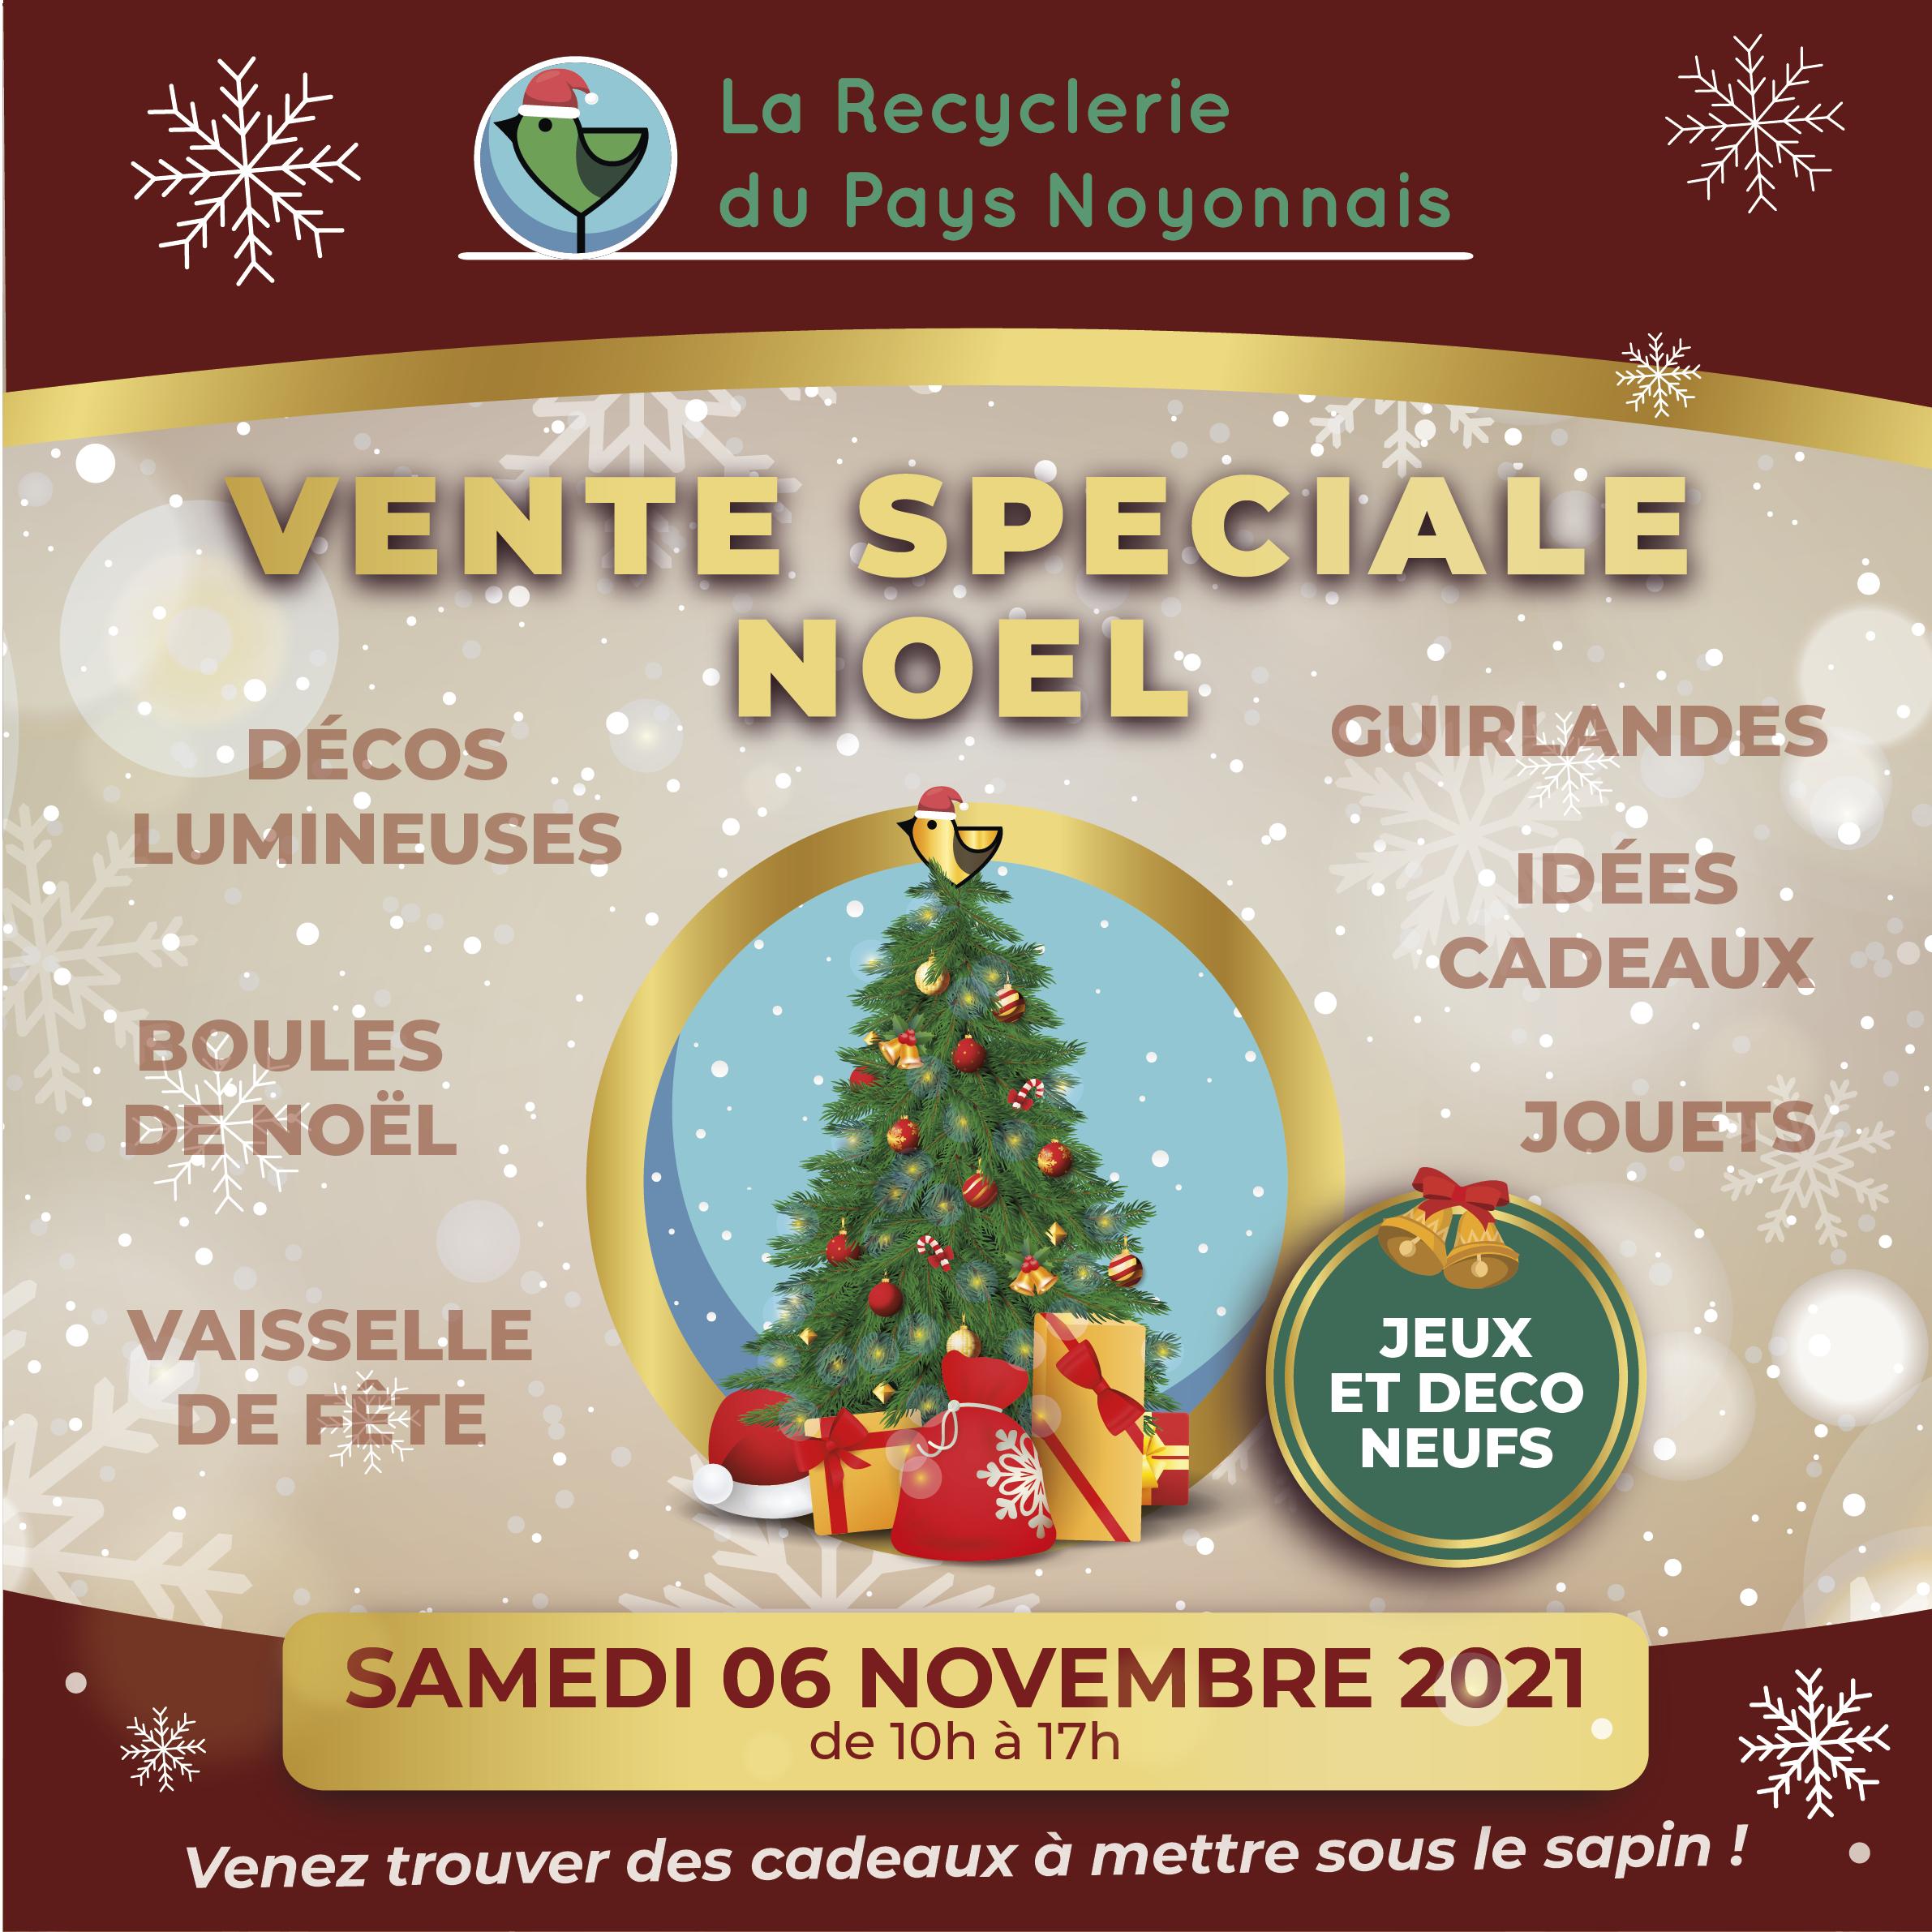 Vente Spéciale Noel le 06 Novembre 2021